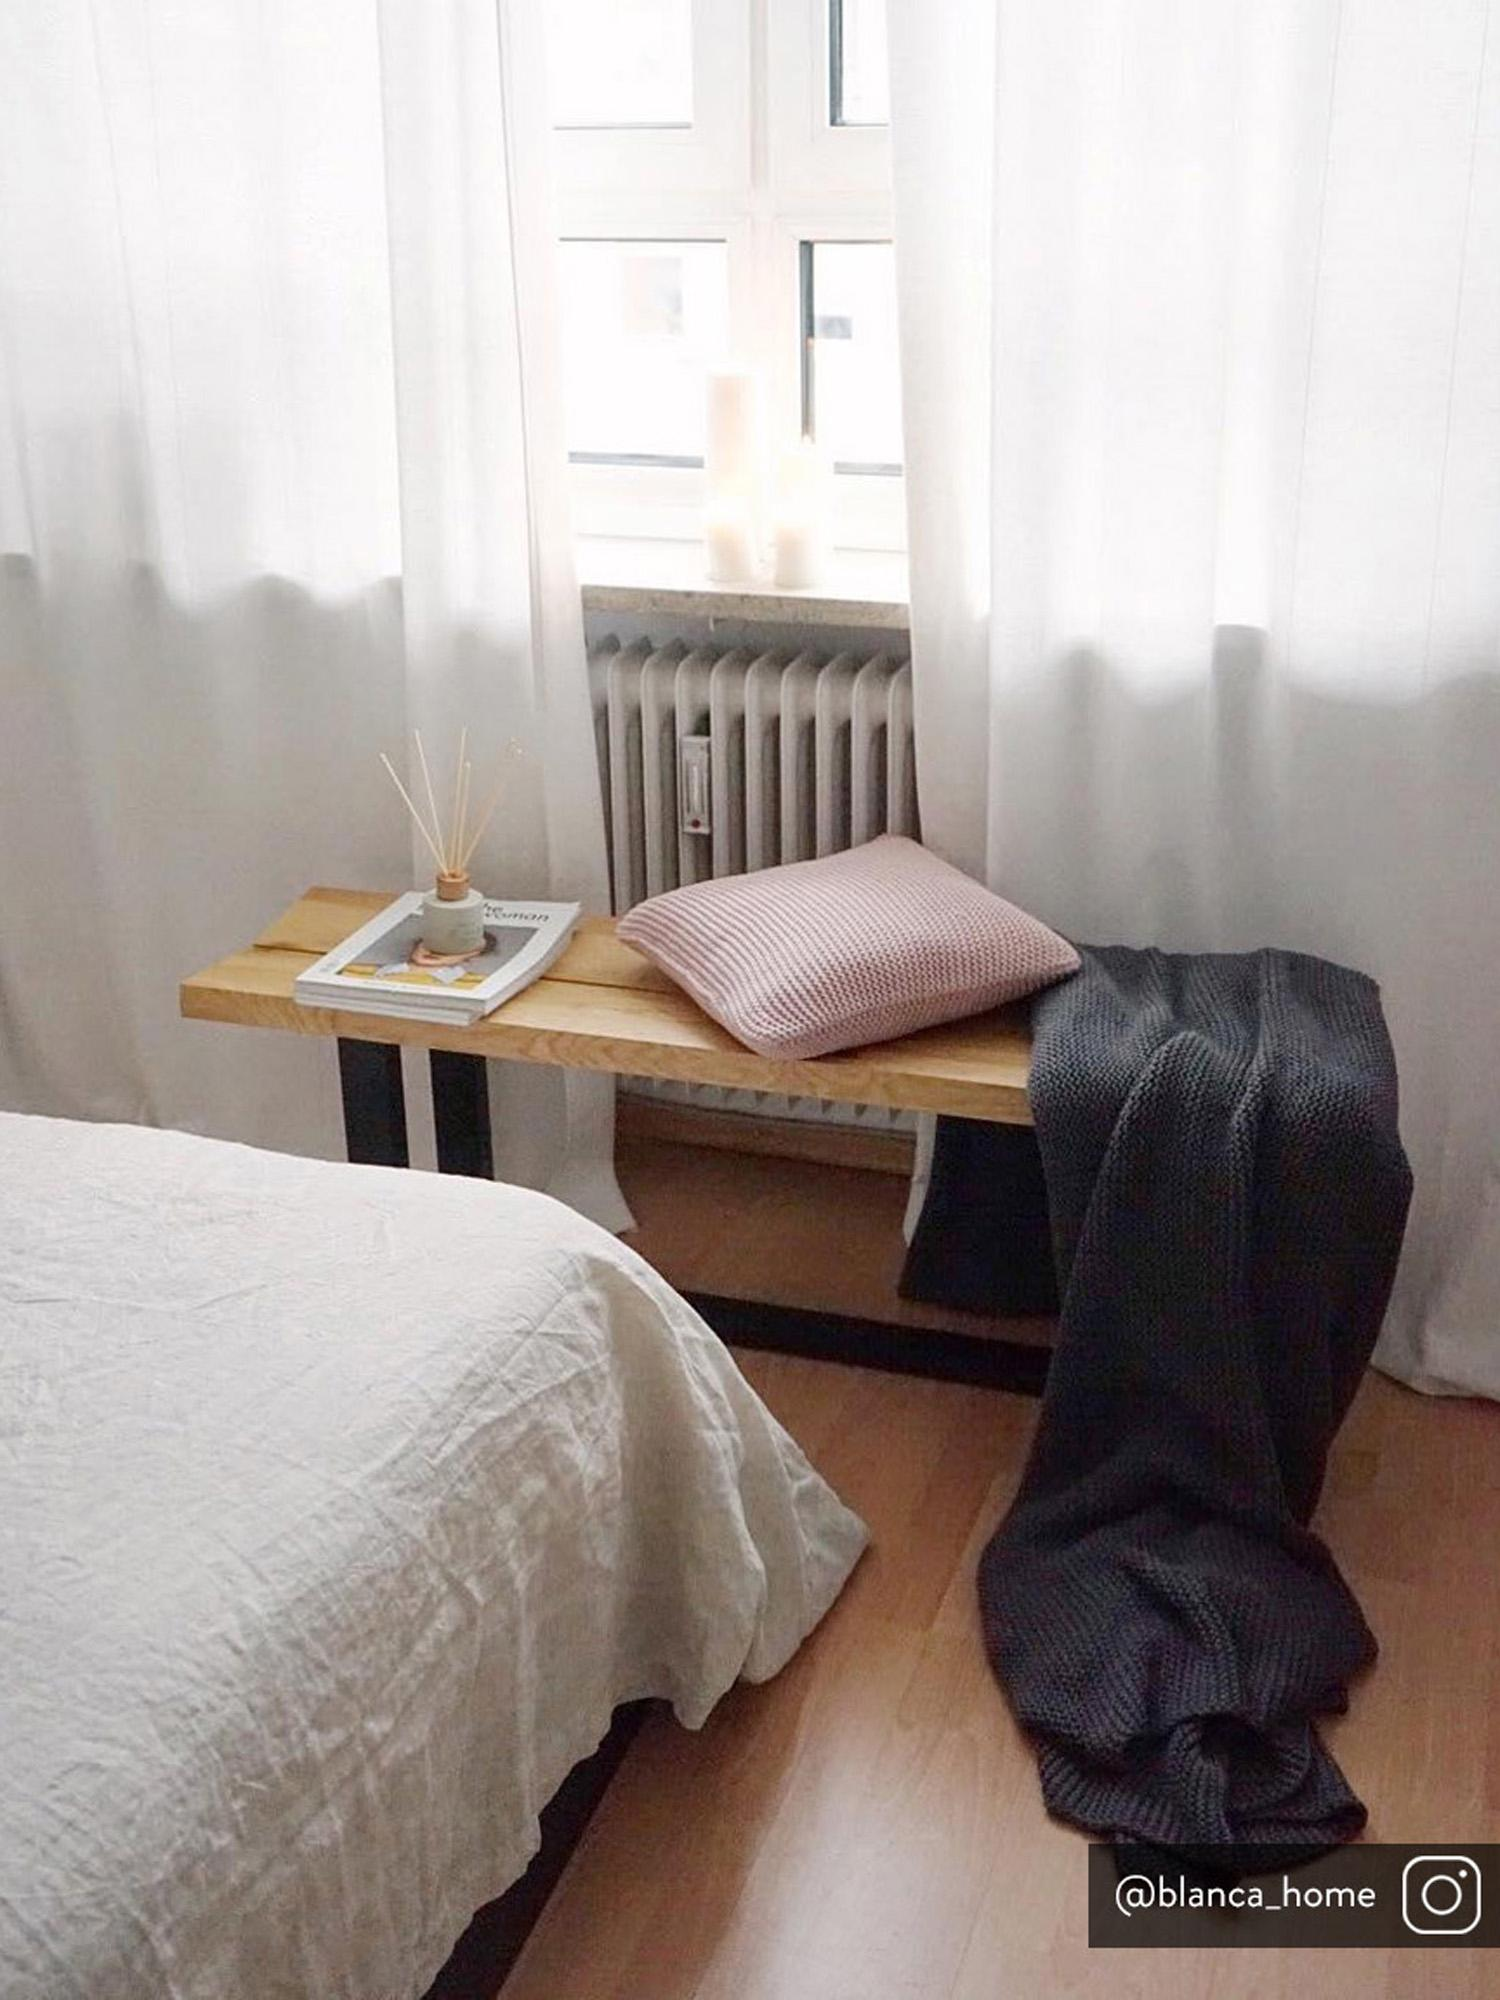 Strick-Kissenhülle Adalyn in Altrosa, 100% Baumwolle, Altrosa, 40 x 40 cm